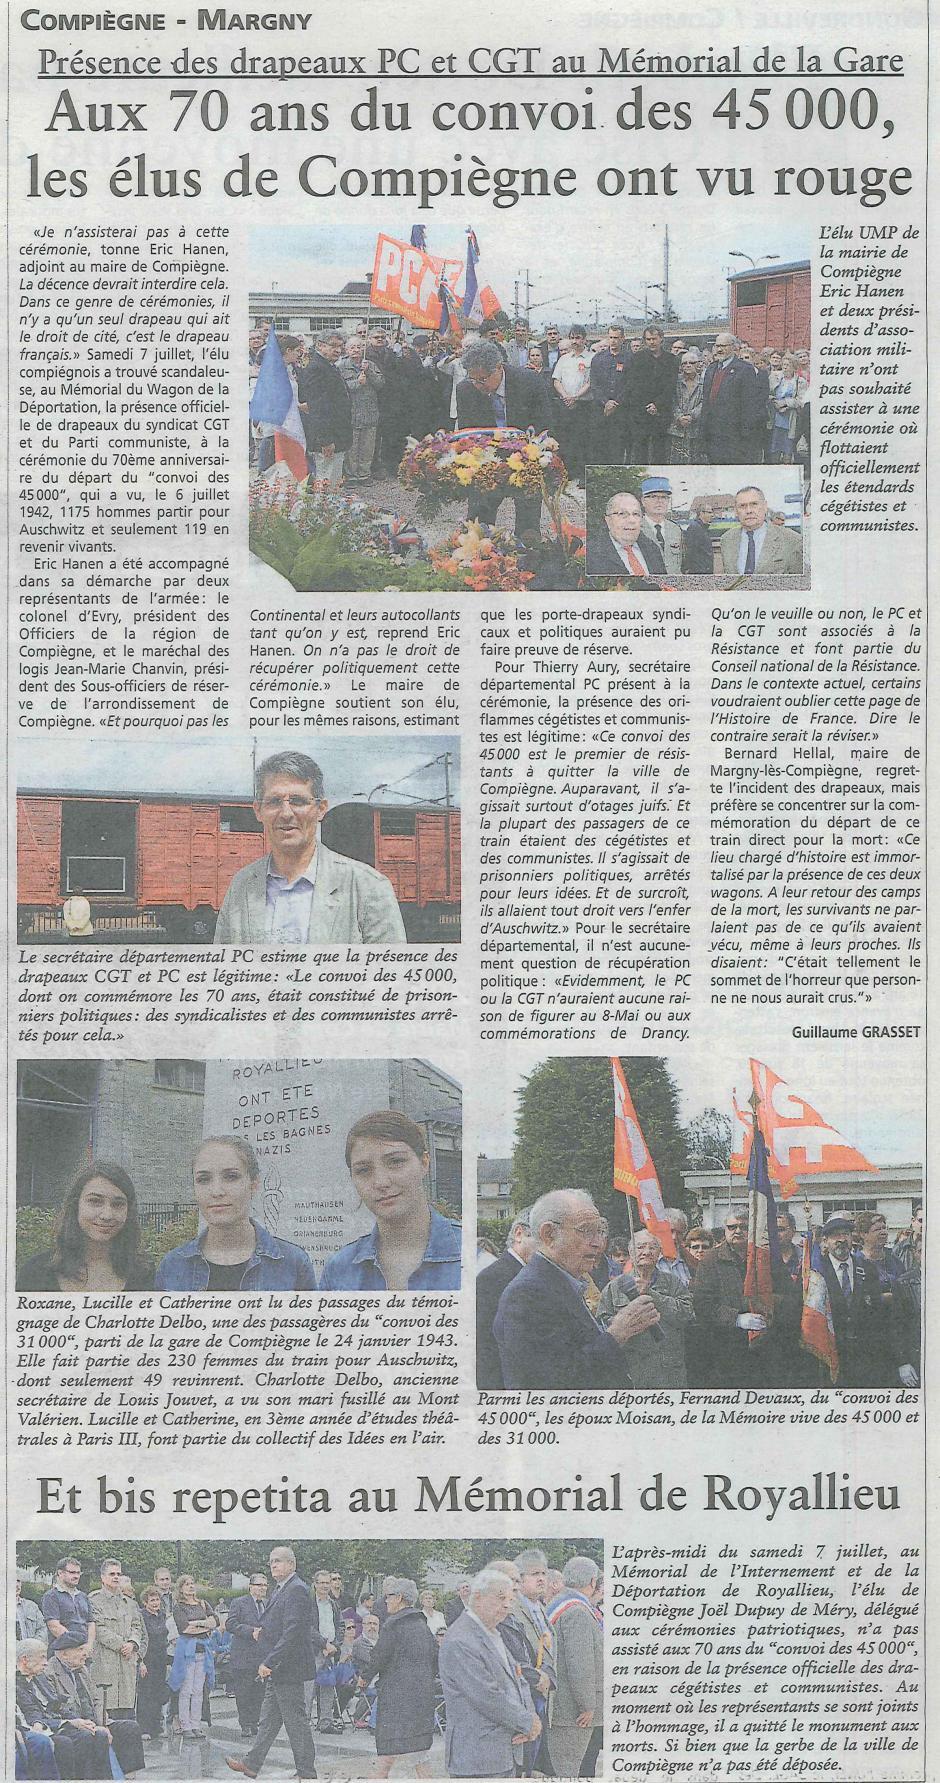 20120711-OH-Compiègne-Aux 70 ans du convoi des 45 000, les élus de Compiègne ont vu rouge